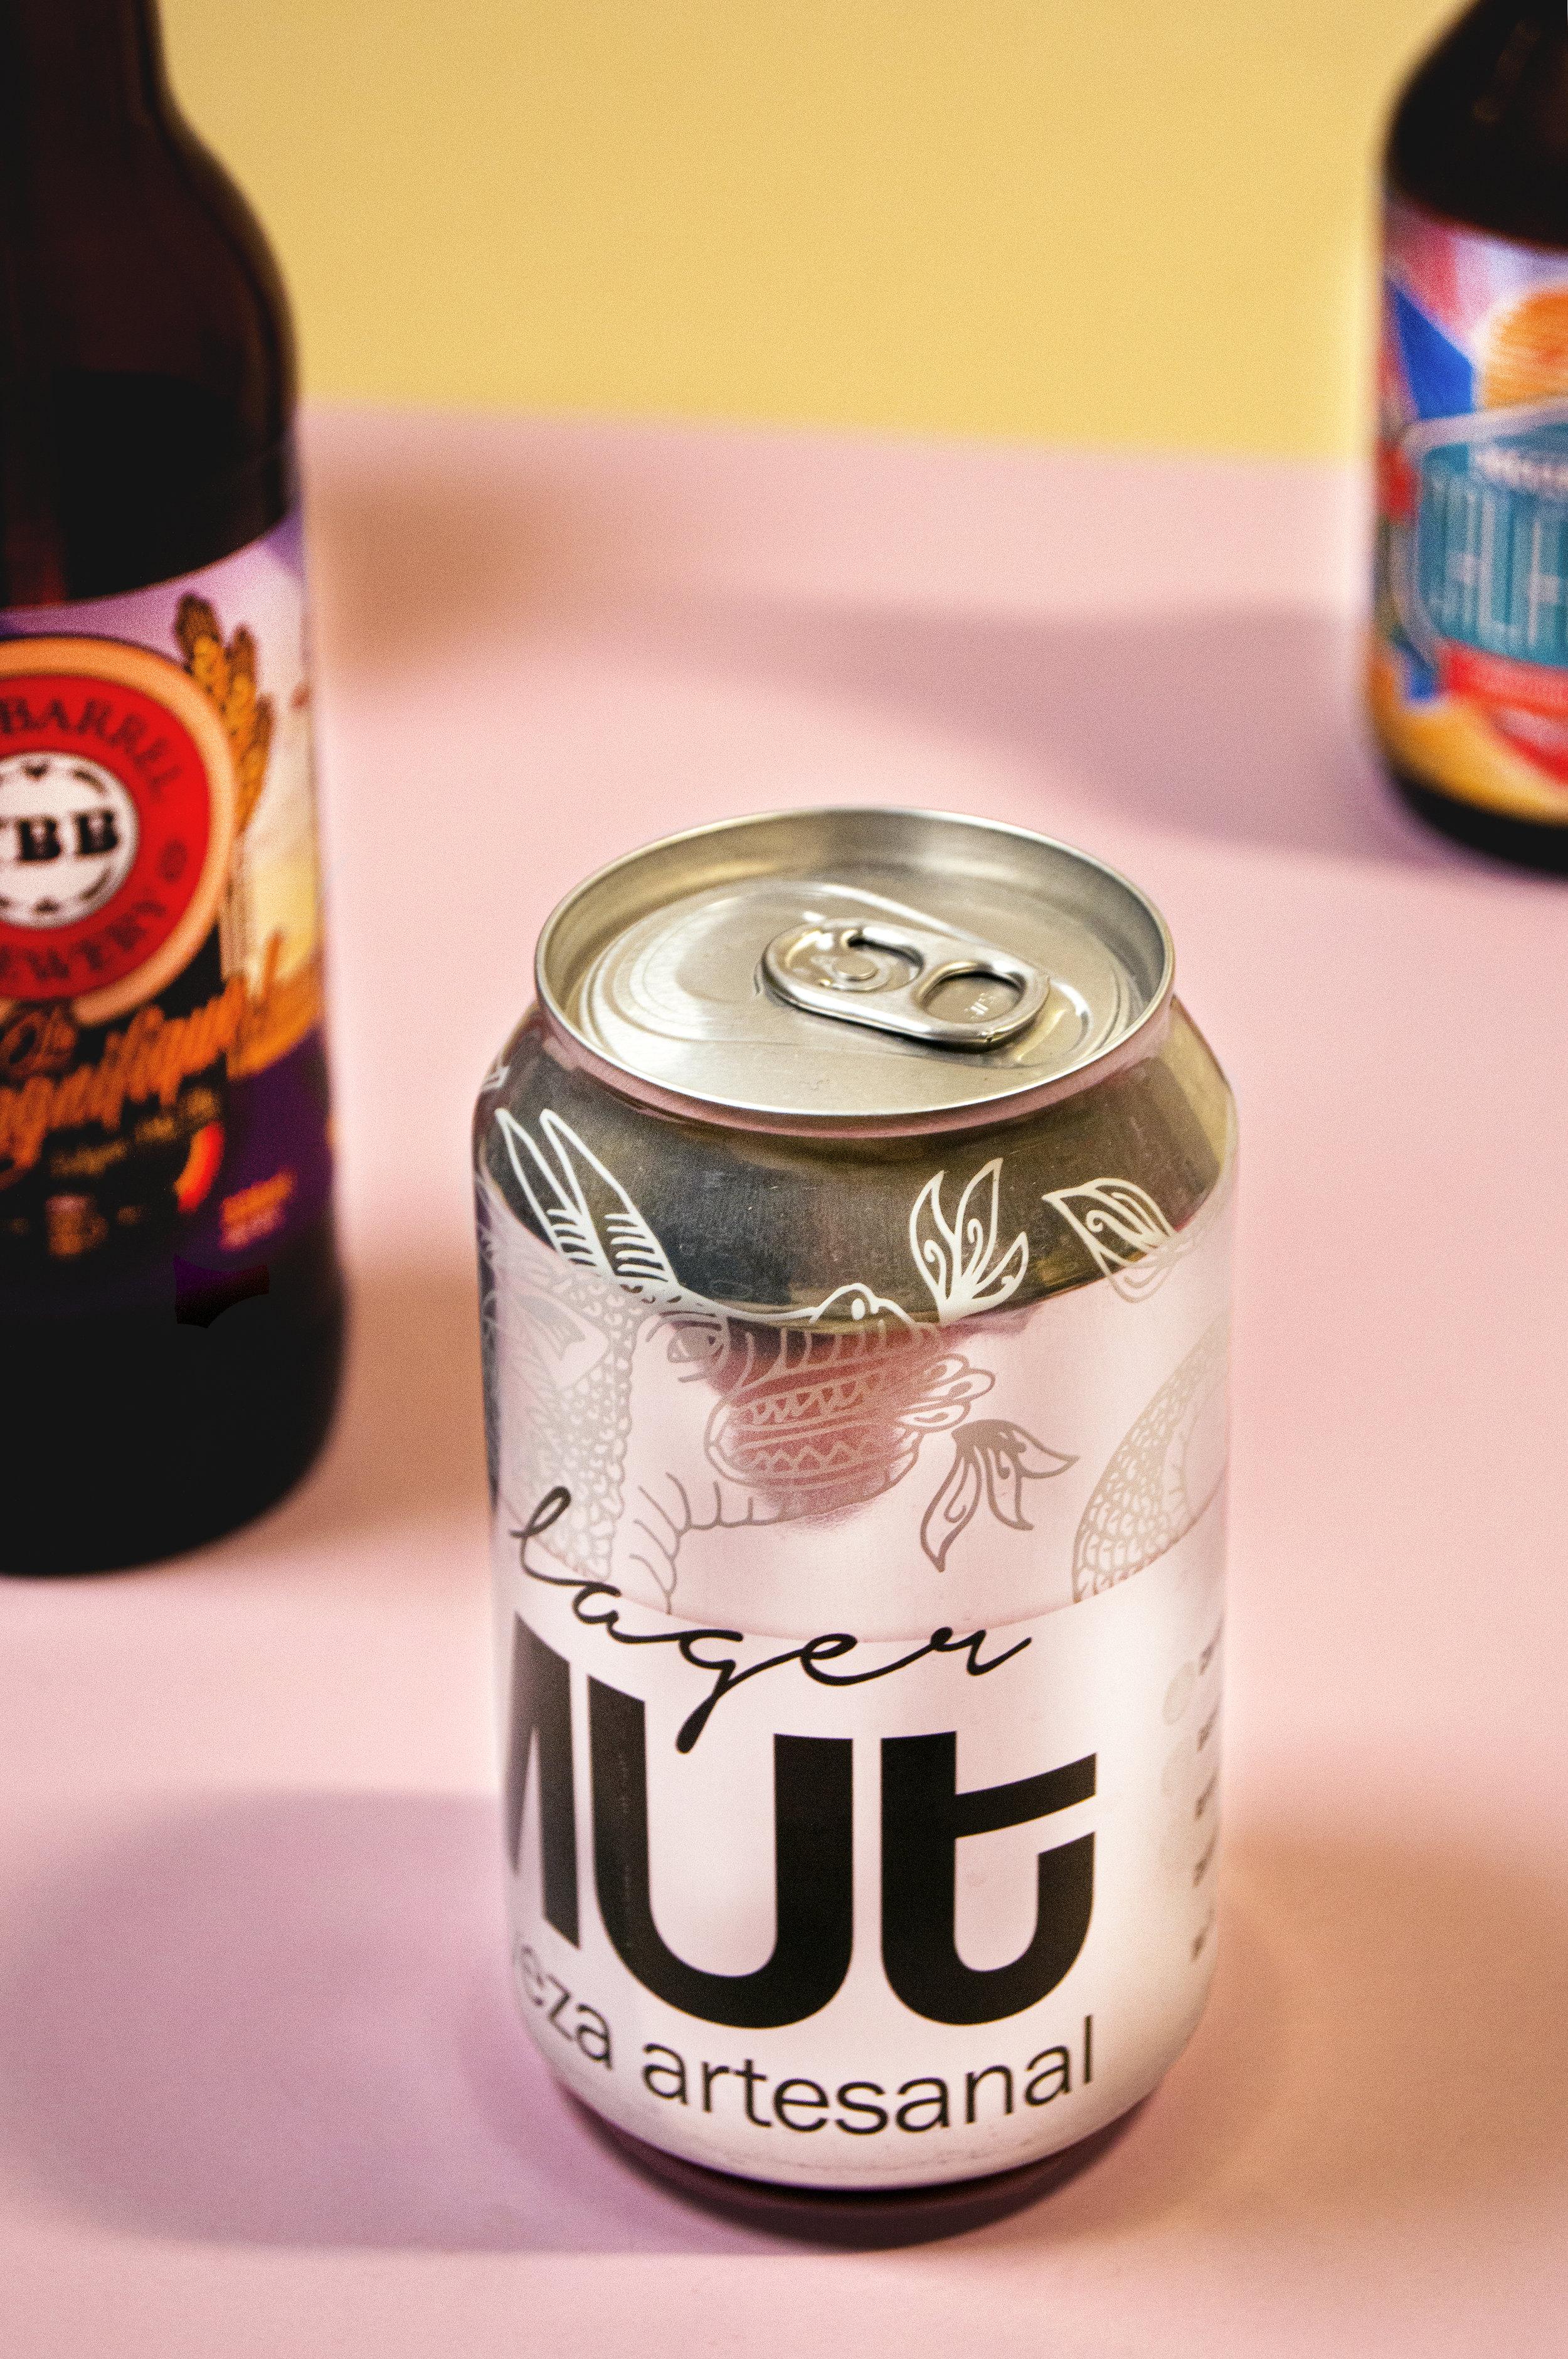 Guía de cervezas artesanales